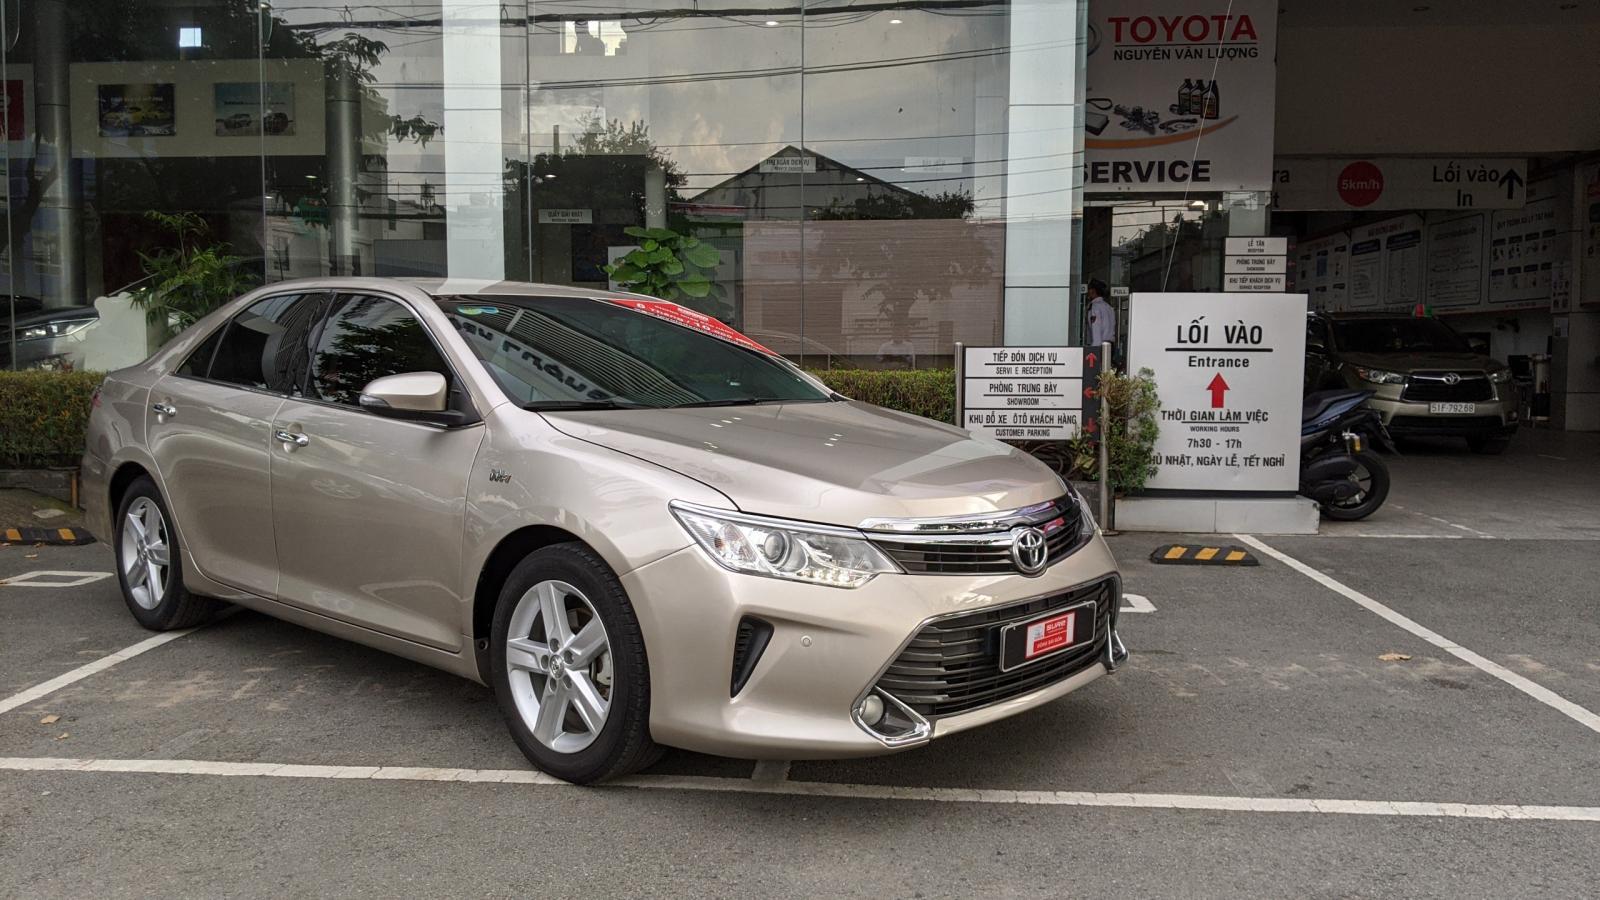 Cần bán xe Toyota Camry 2.5Q sản xuất 2016, màu nâu, giá chỉ 930 triệu